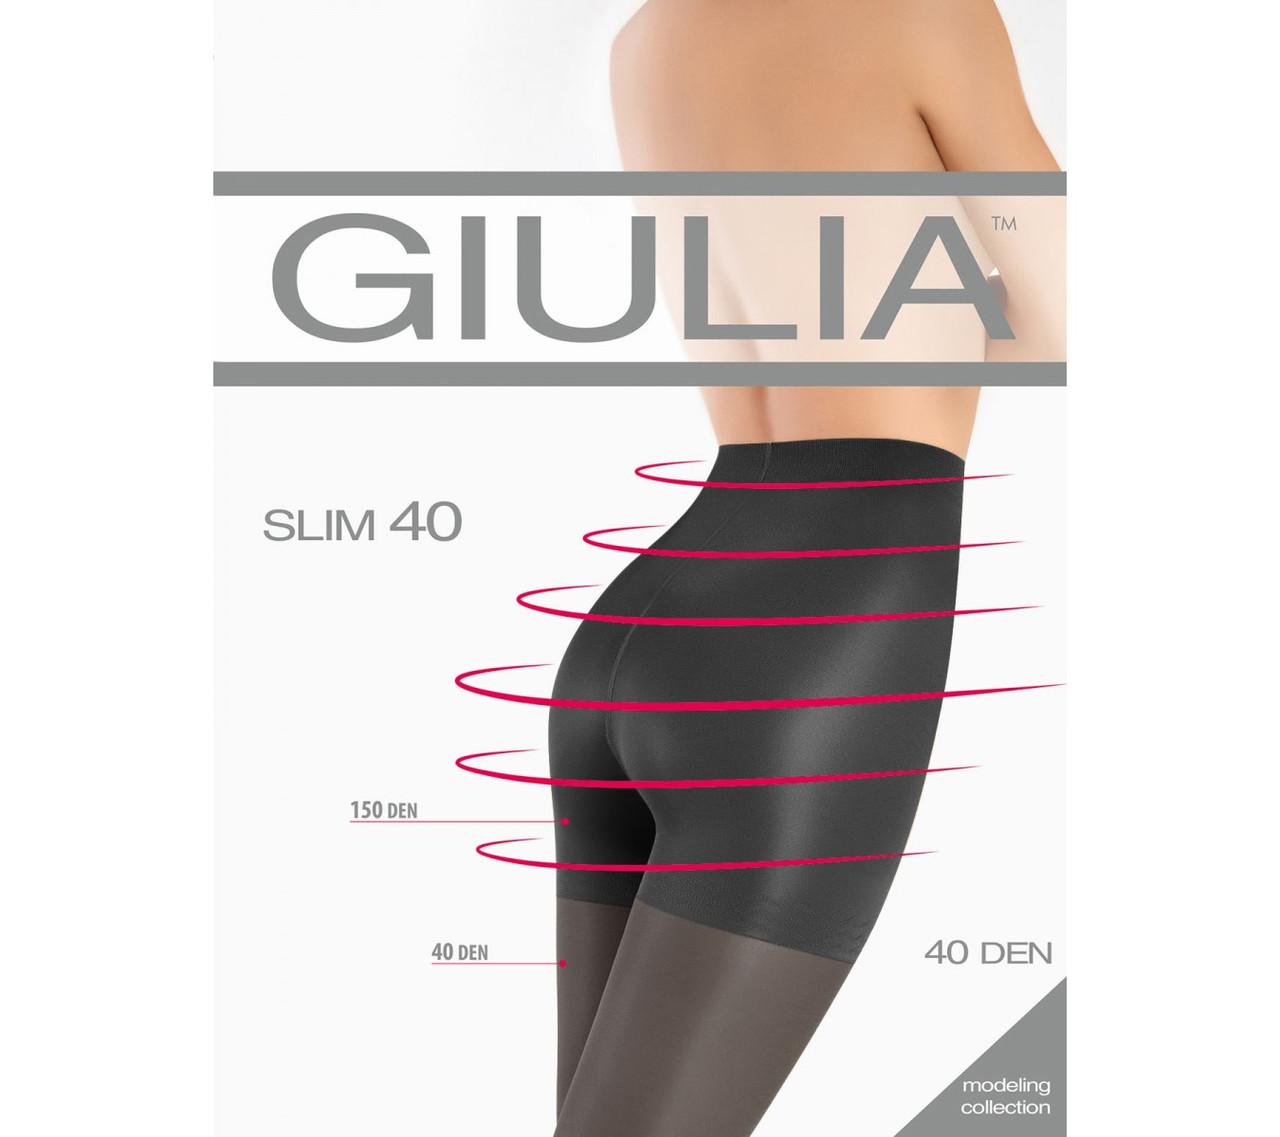 Колготки GIULIA Slim 40, все размеры, все цвета